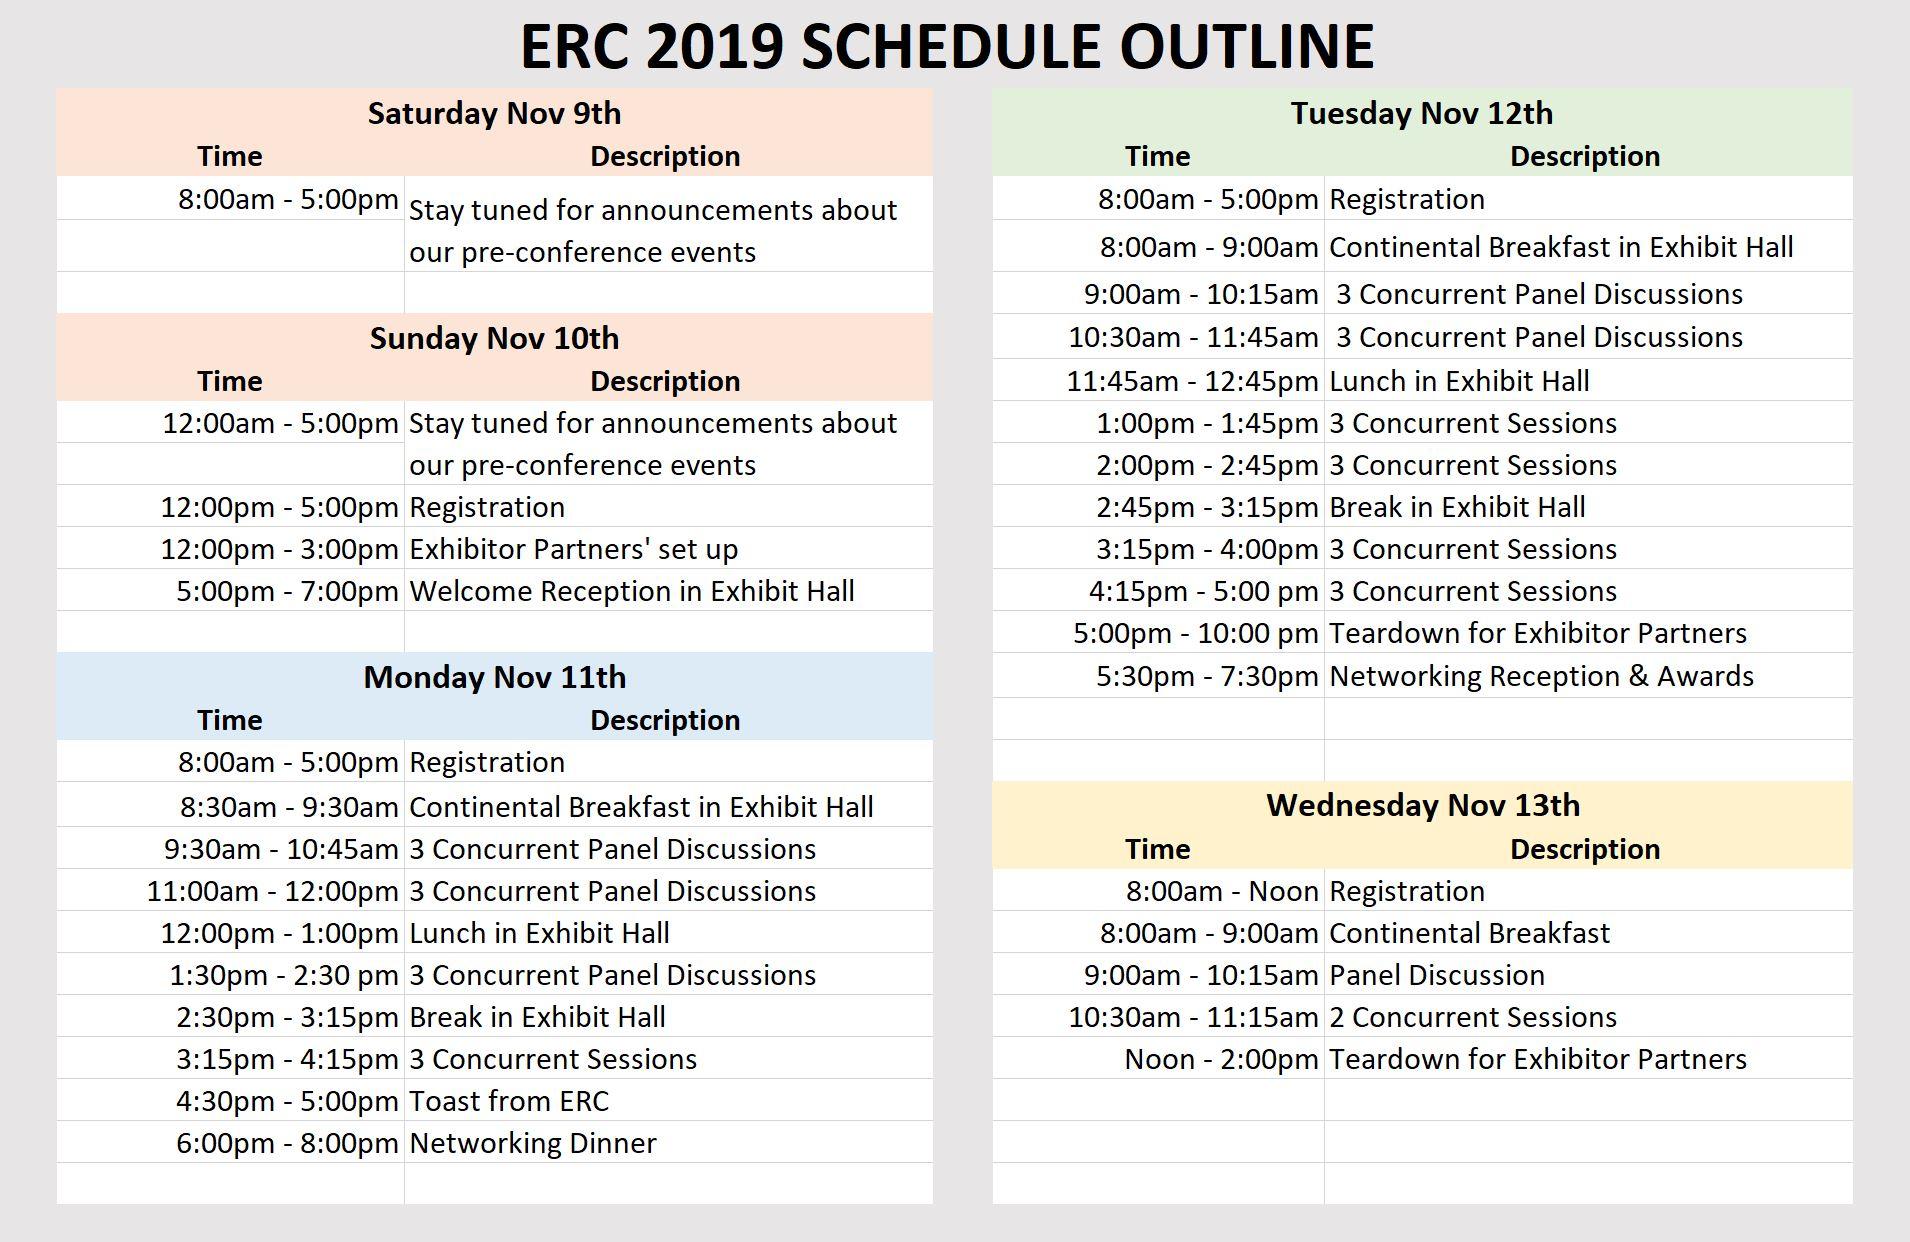 erc 2019 schedule outline.jpg